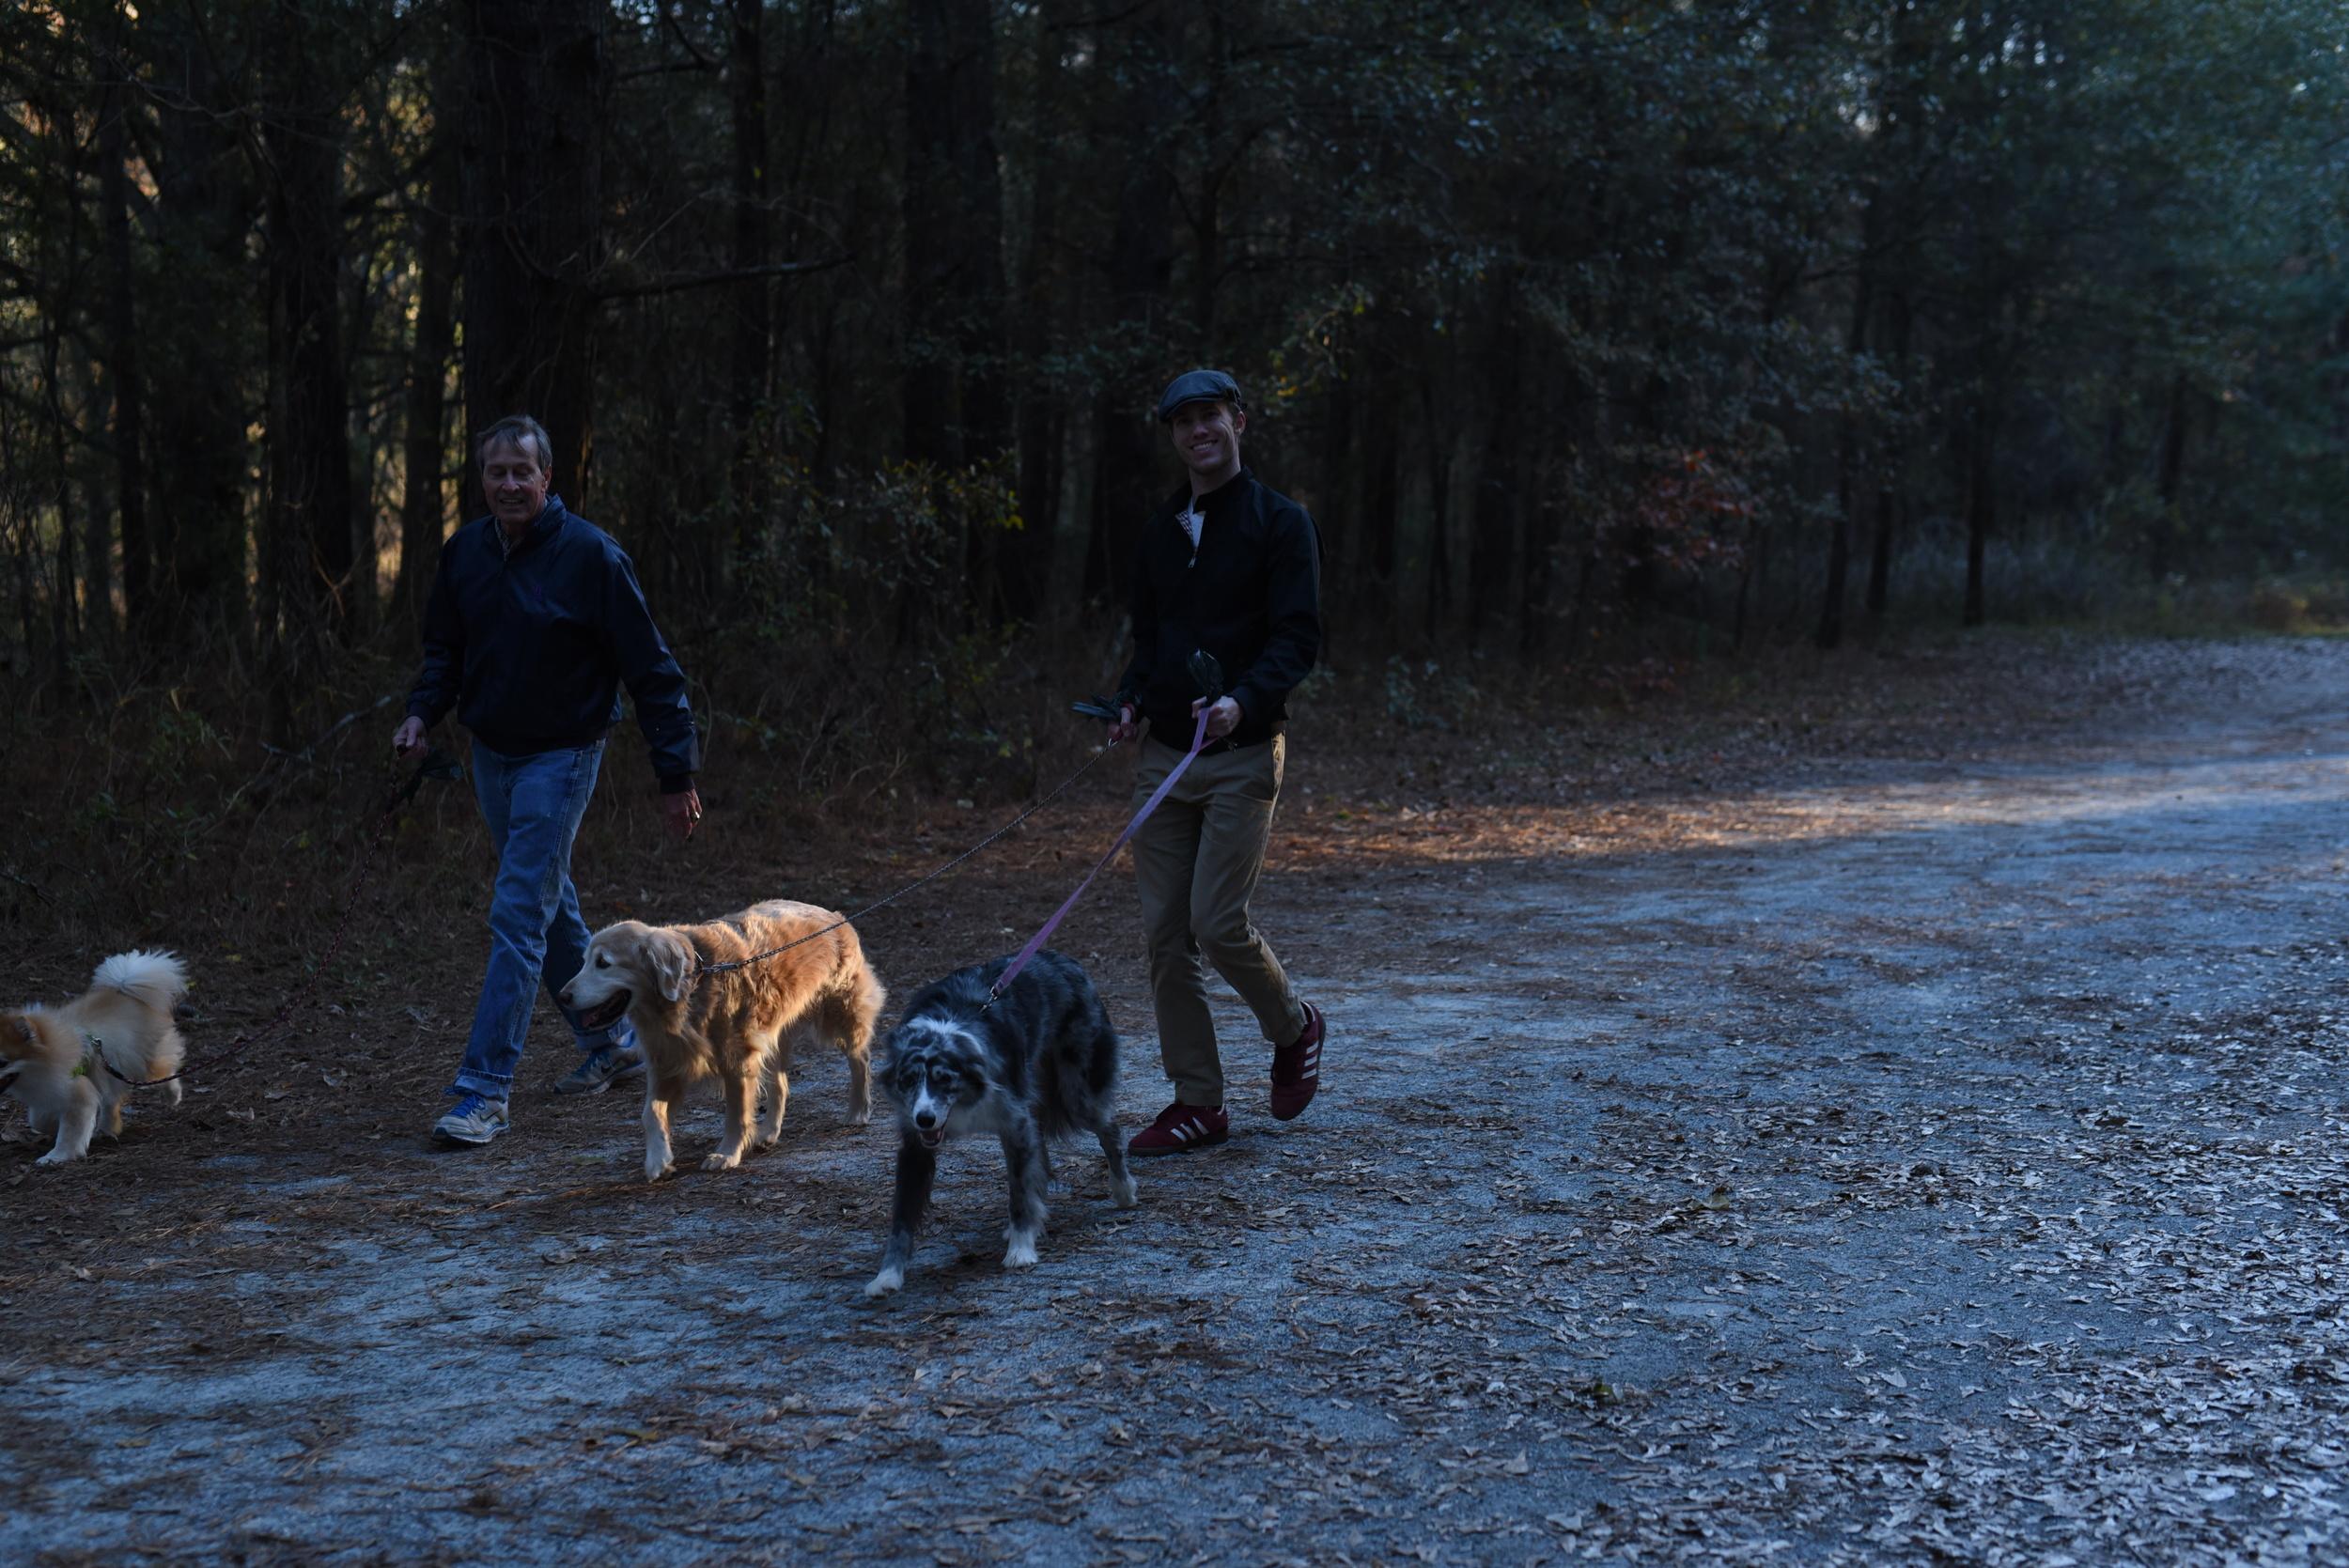 guy-walking-dogs.jpg